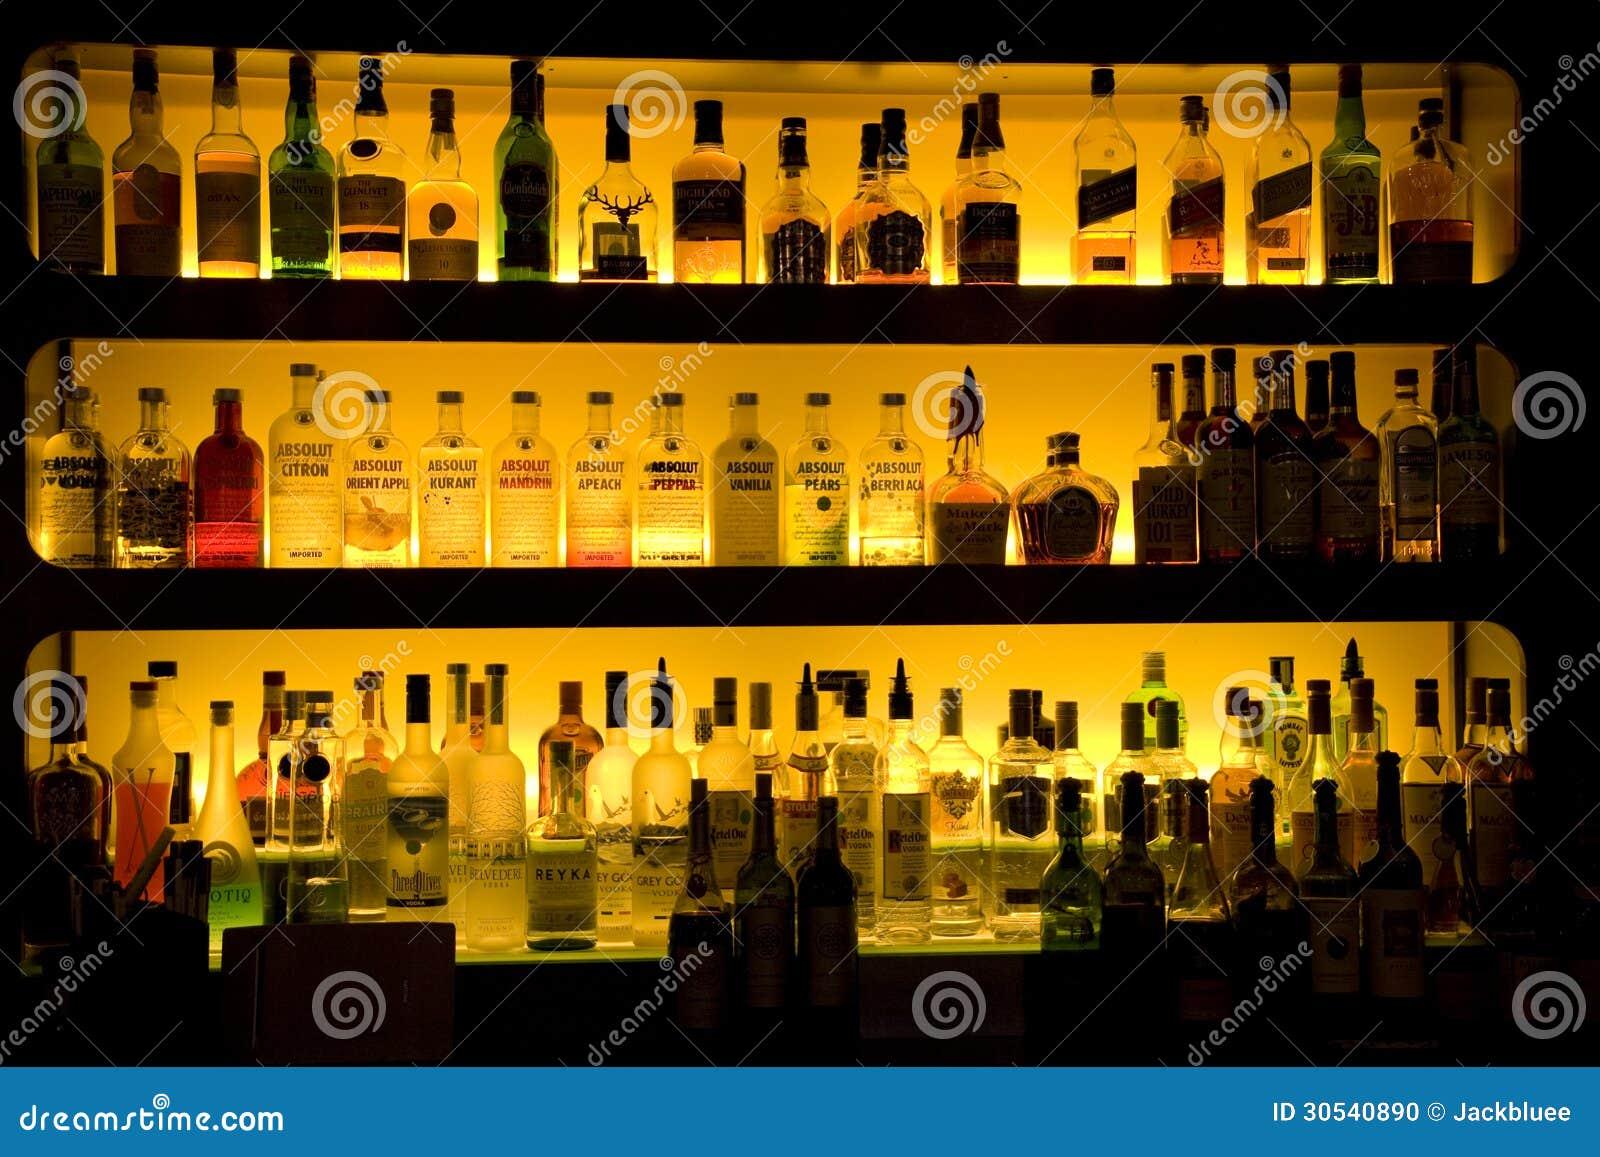 De decoratie van de wijndranken van de baralcoholische drank